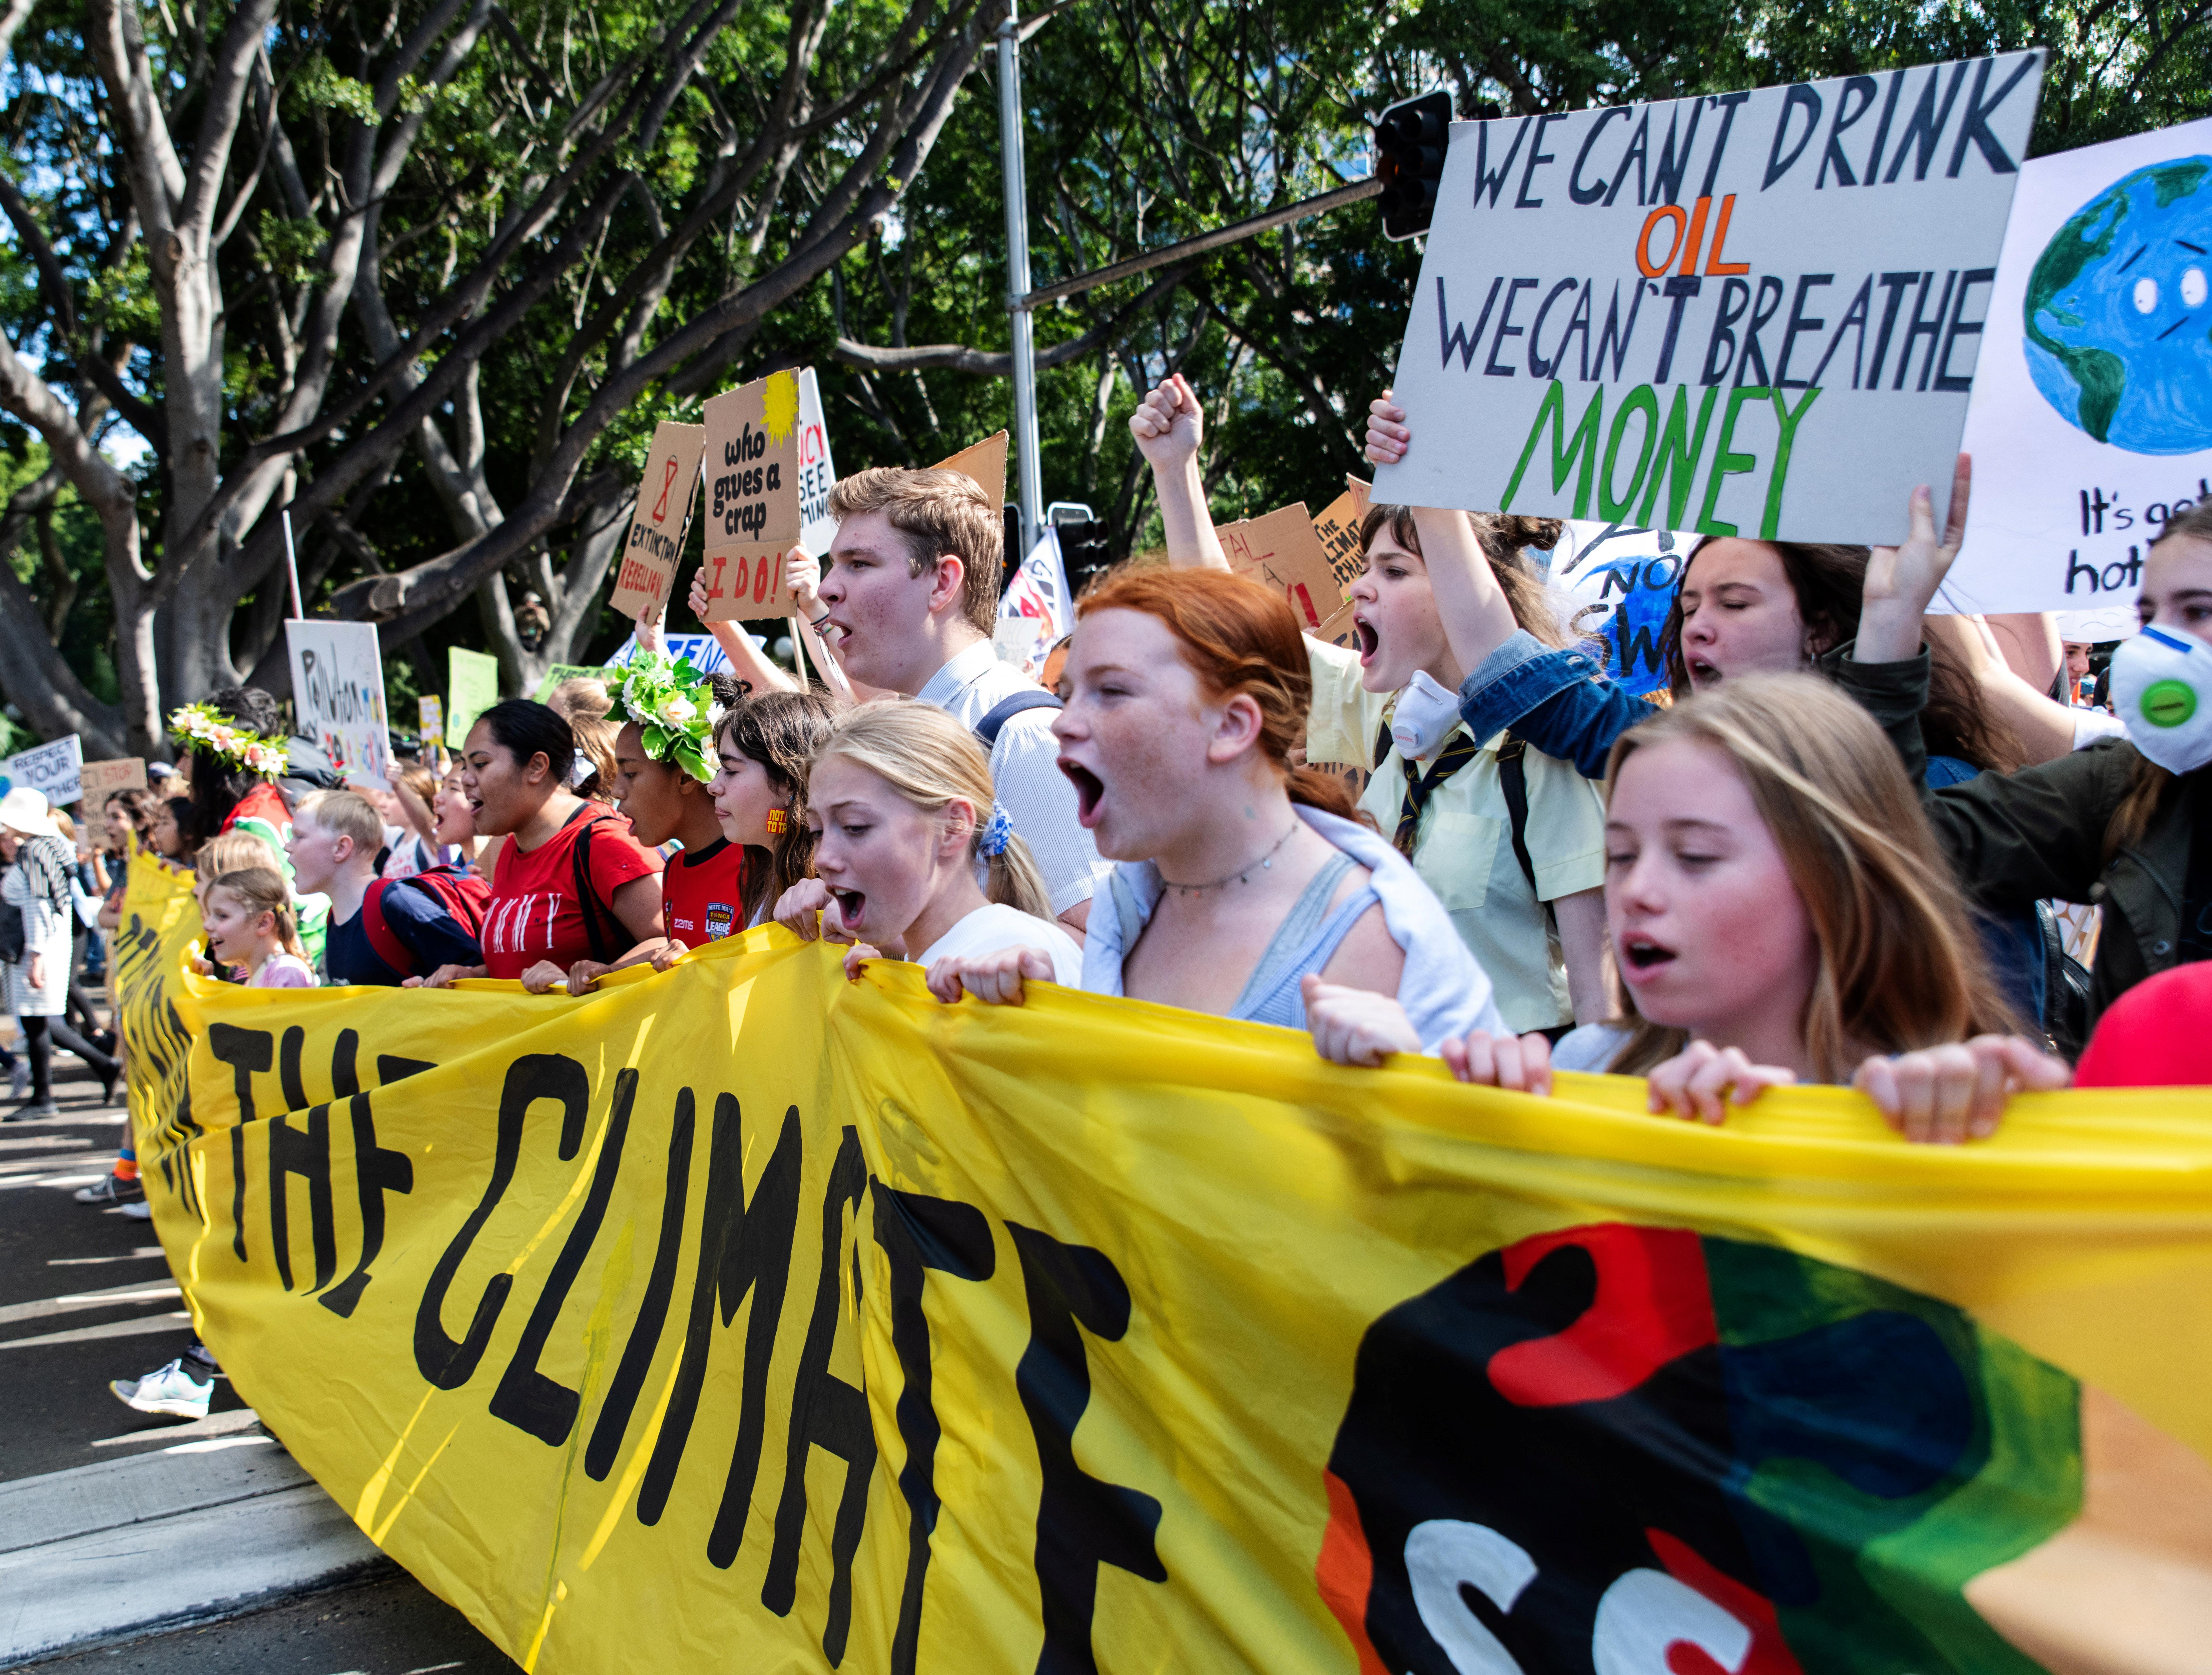 Χιλιάδες μαθητές στους δρόμους για το κλίμα – Το μήνυμα της Γκρέτα Τούνμπεργκ [pics]